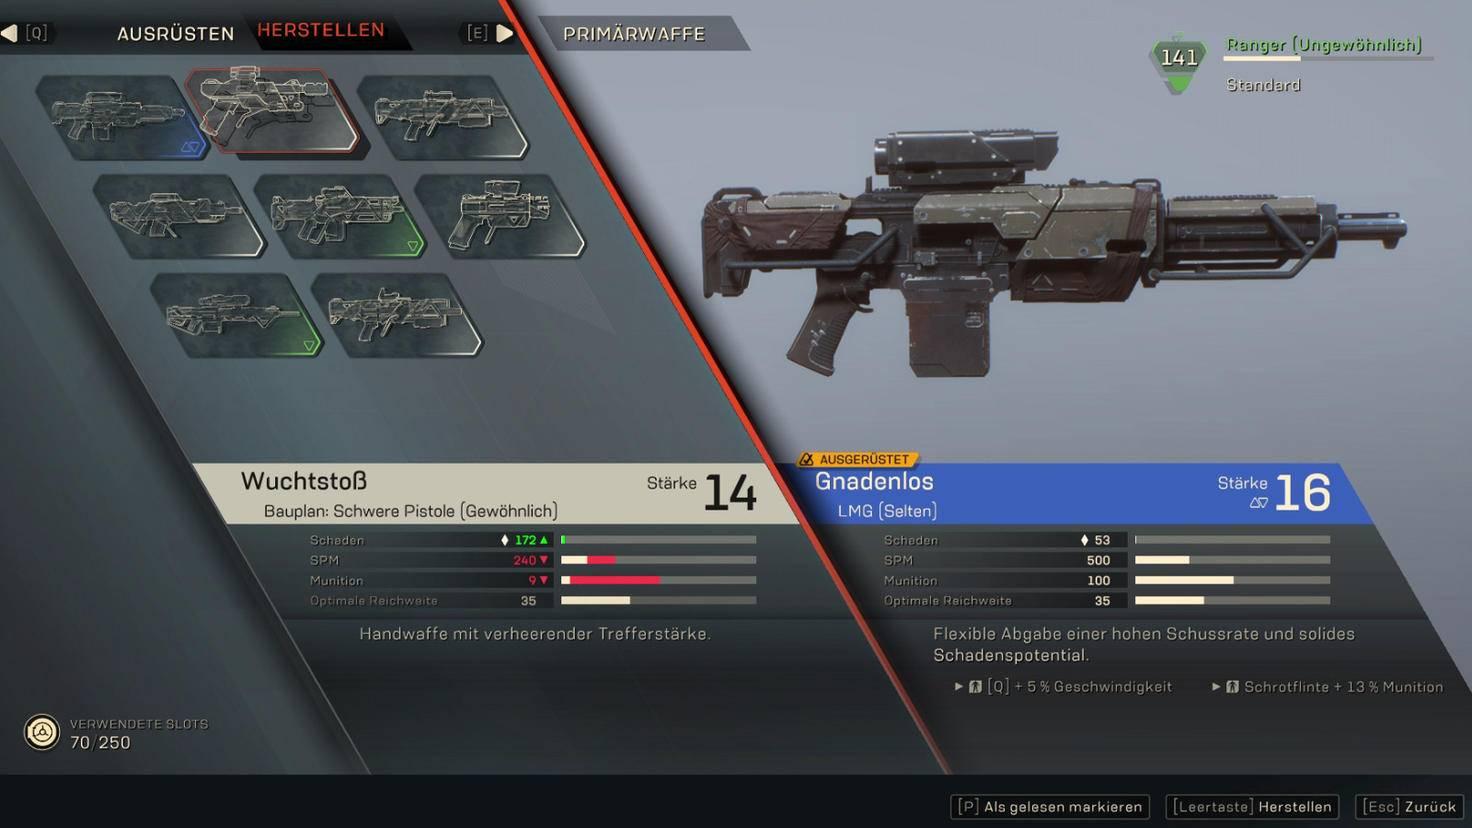 Links im Bild sind die derzeit herstellbaren Waffen zu sehen.